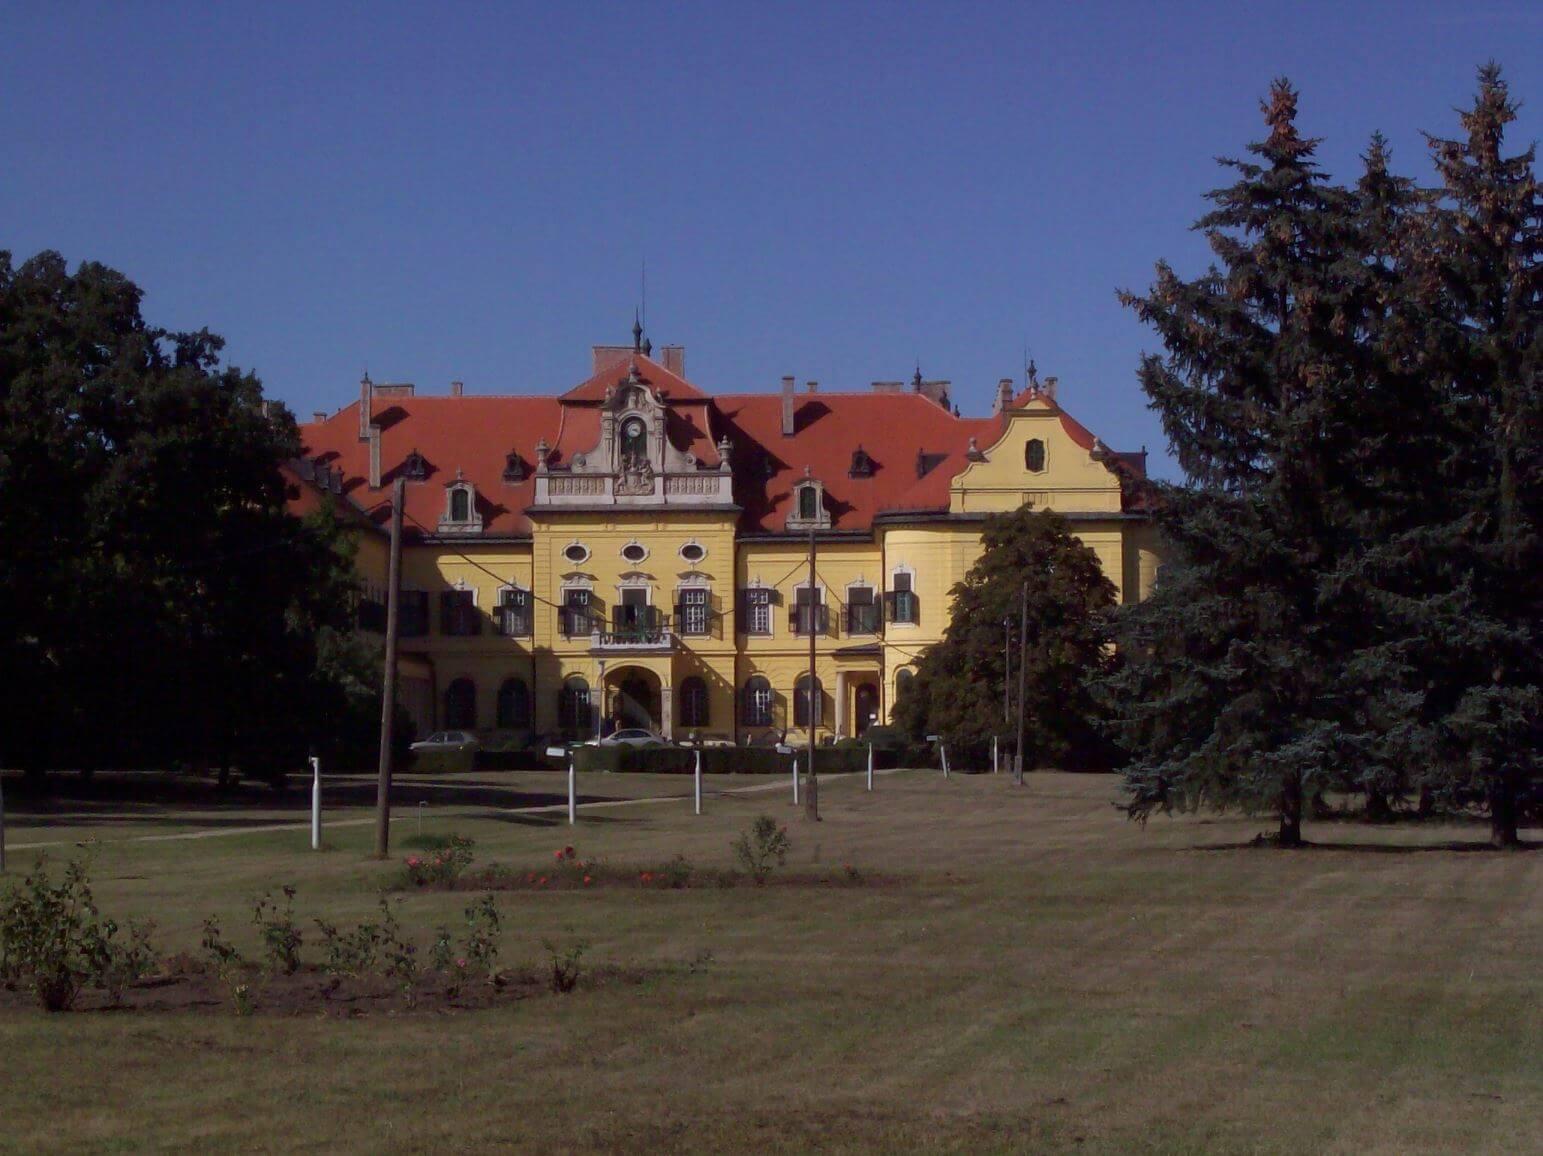 Palace Grounds at Nagymágocs